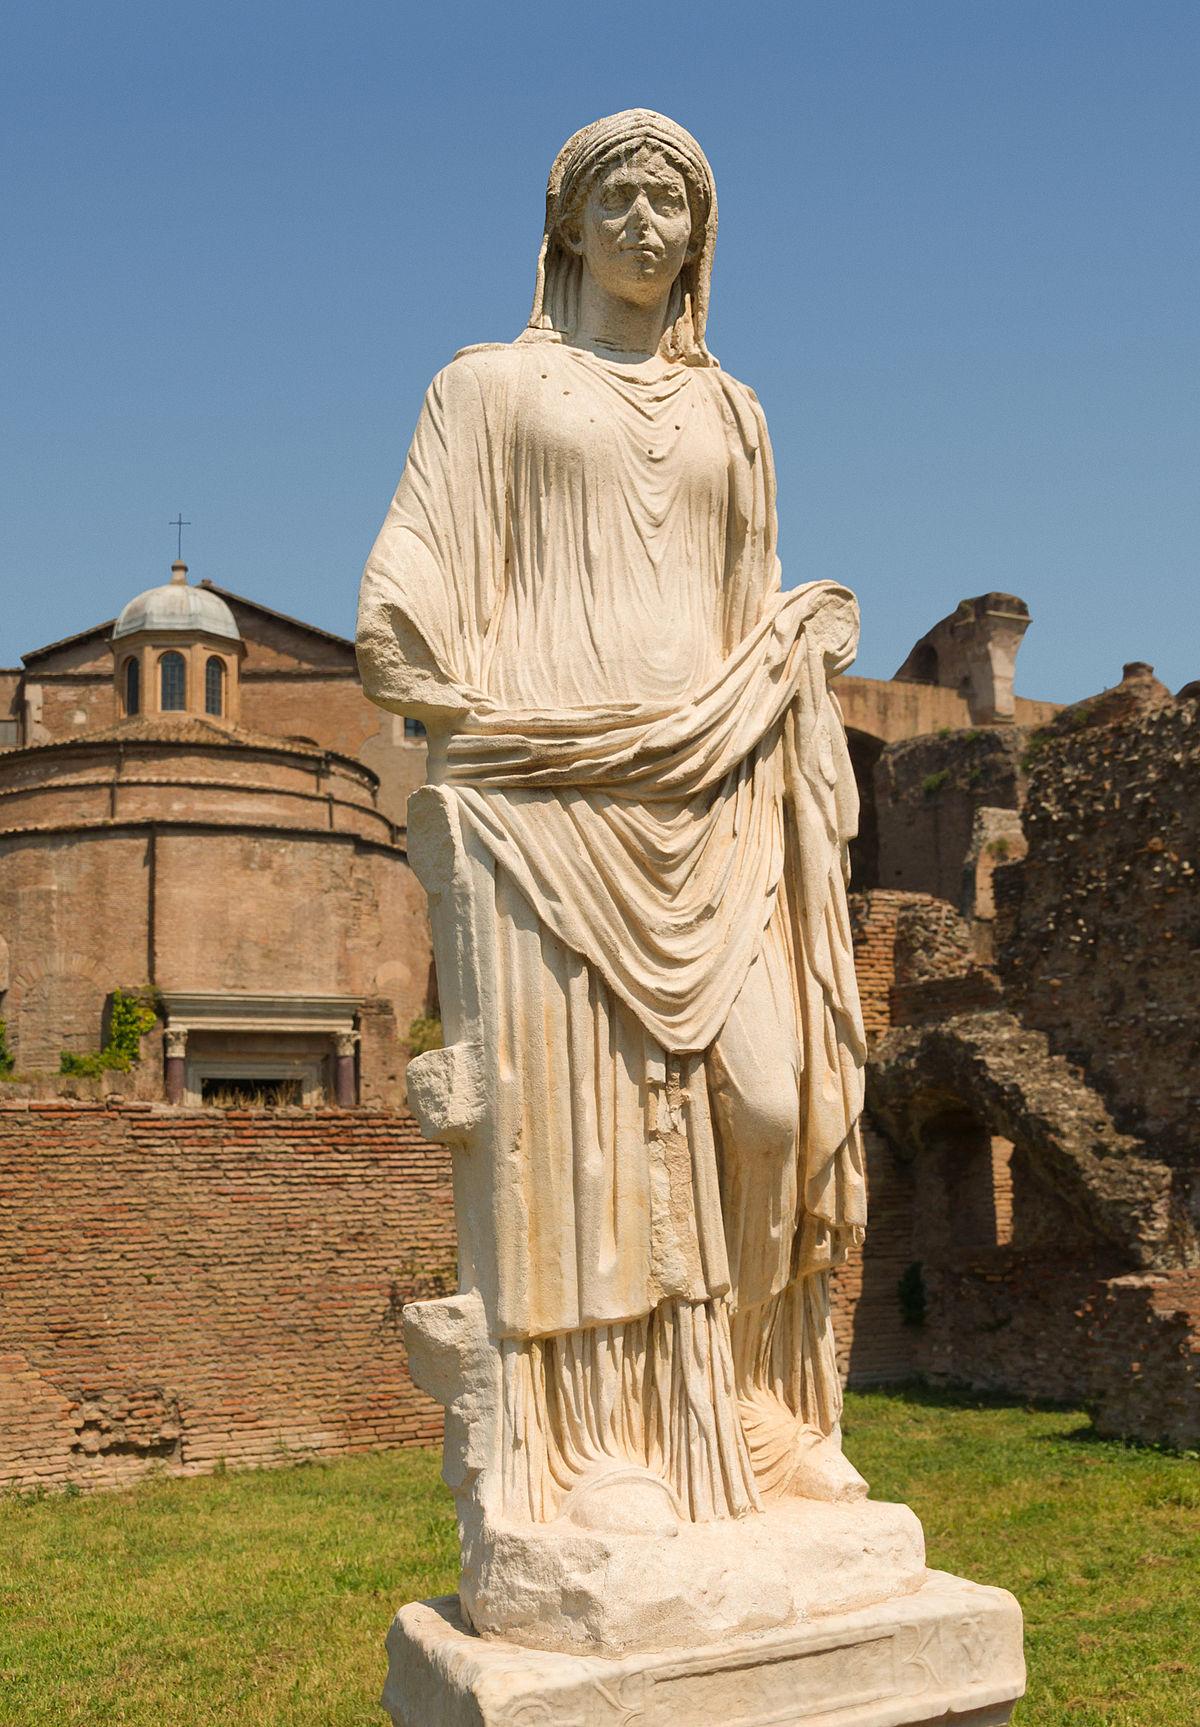 When in rome do as the romans do 2 - 2 8